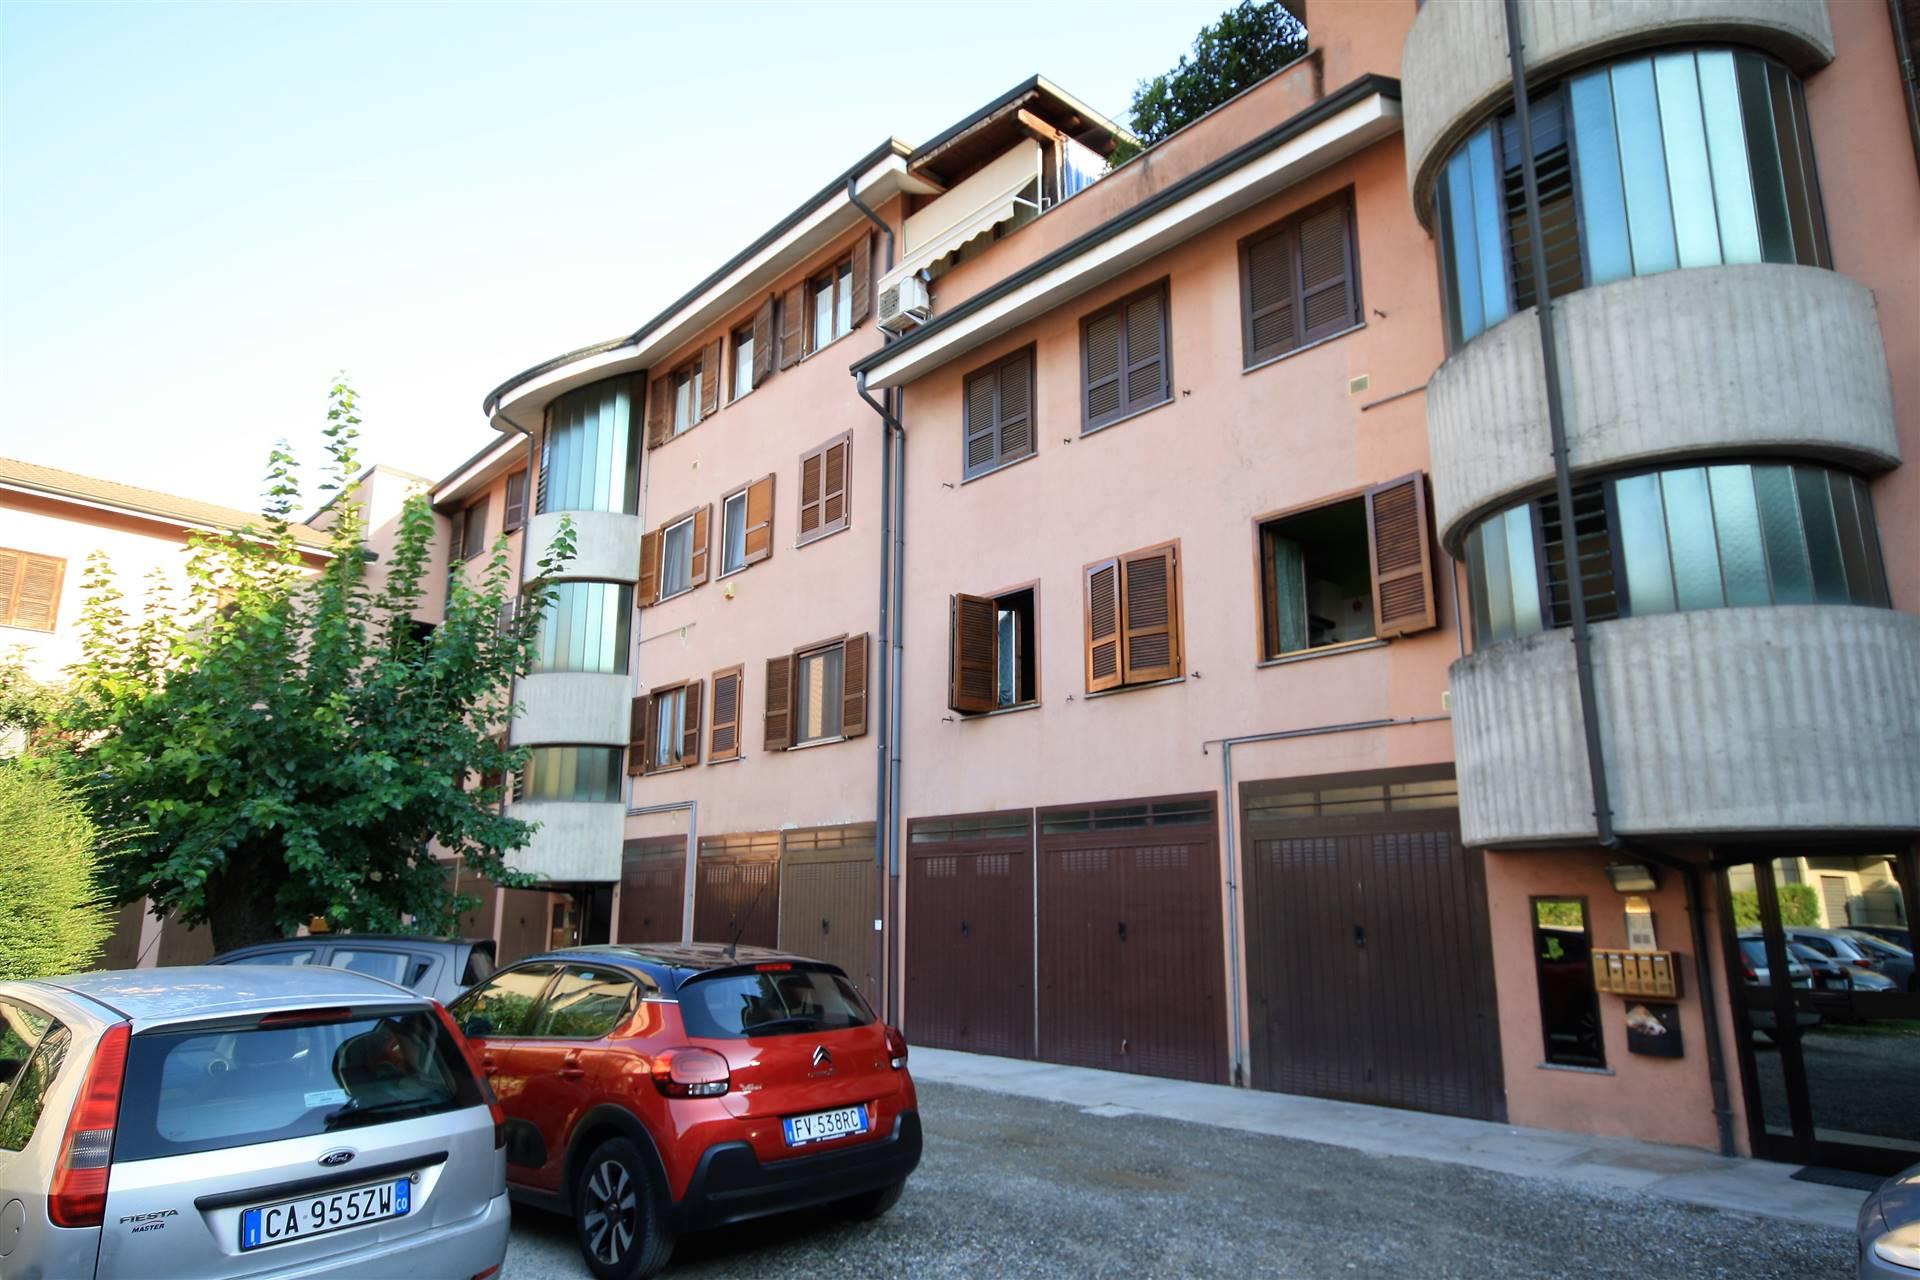 Appartamento in vendita a Senago, 2 locali, zona Località: CENTRO, prezzo € 85.000   PortaleAgenzieImmobiliari.it